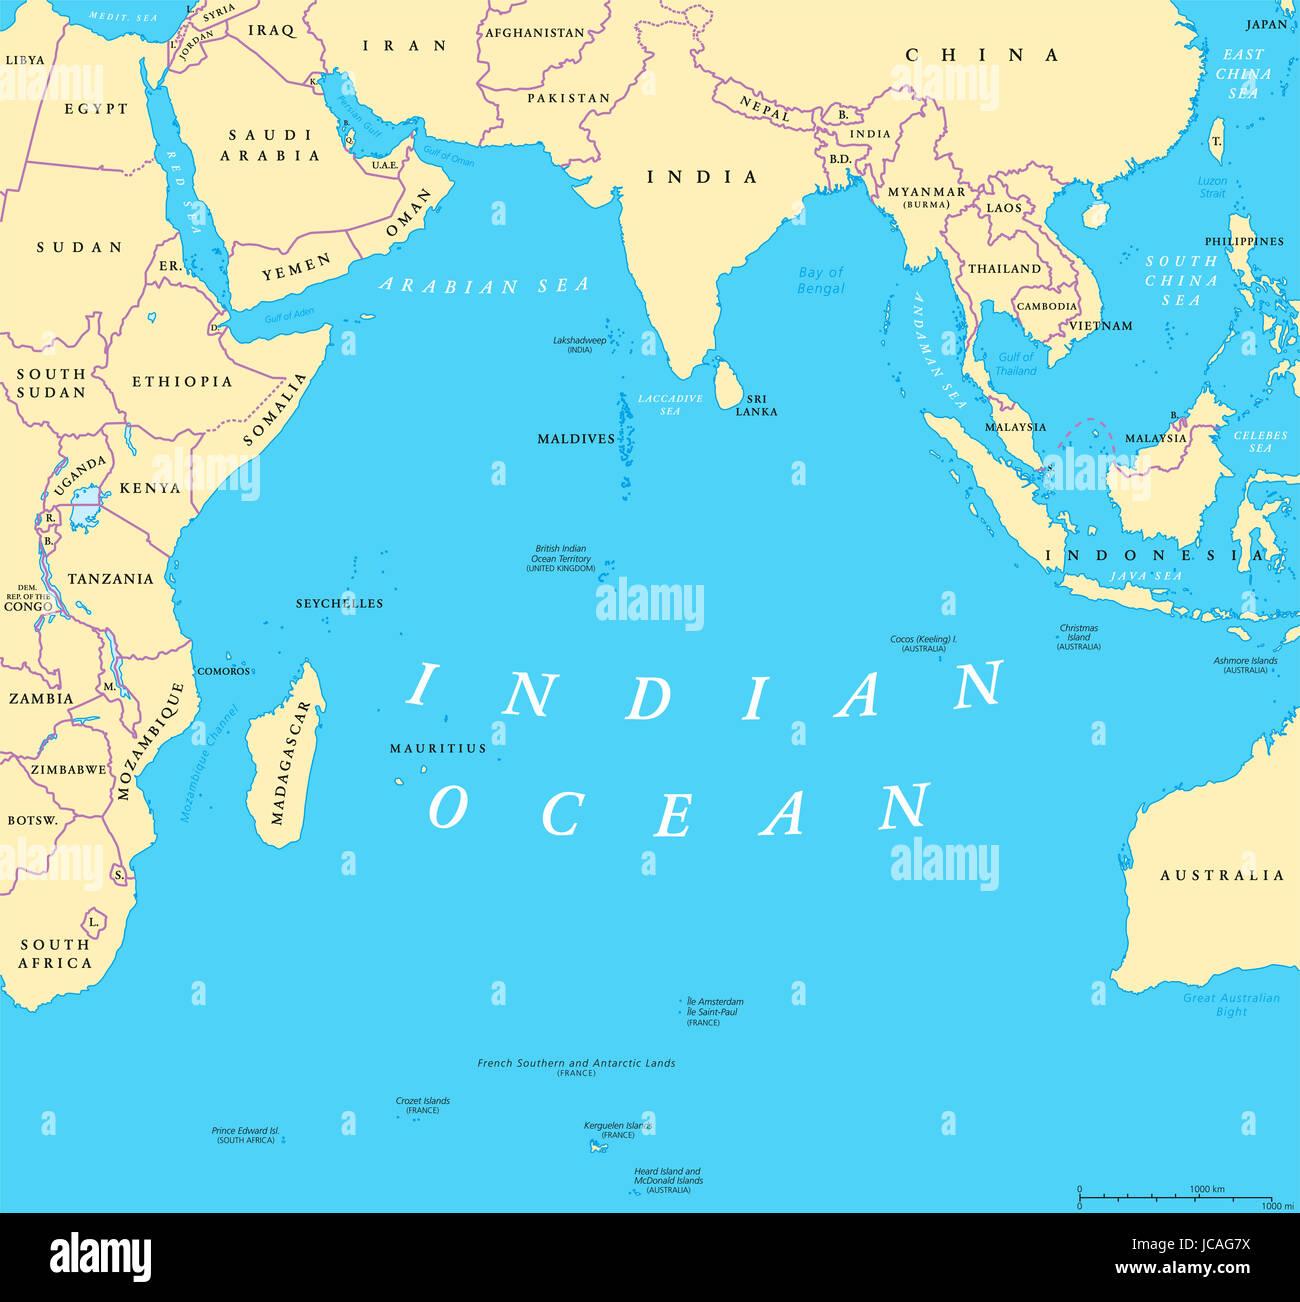 Politische Karte Asien.Politische Karte Der Indischen Ozean Länder Und Grenzen Weltweit